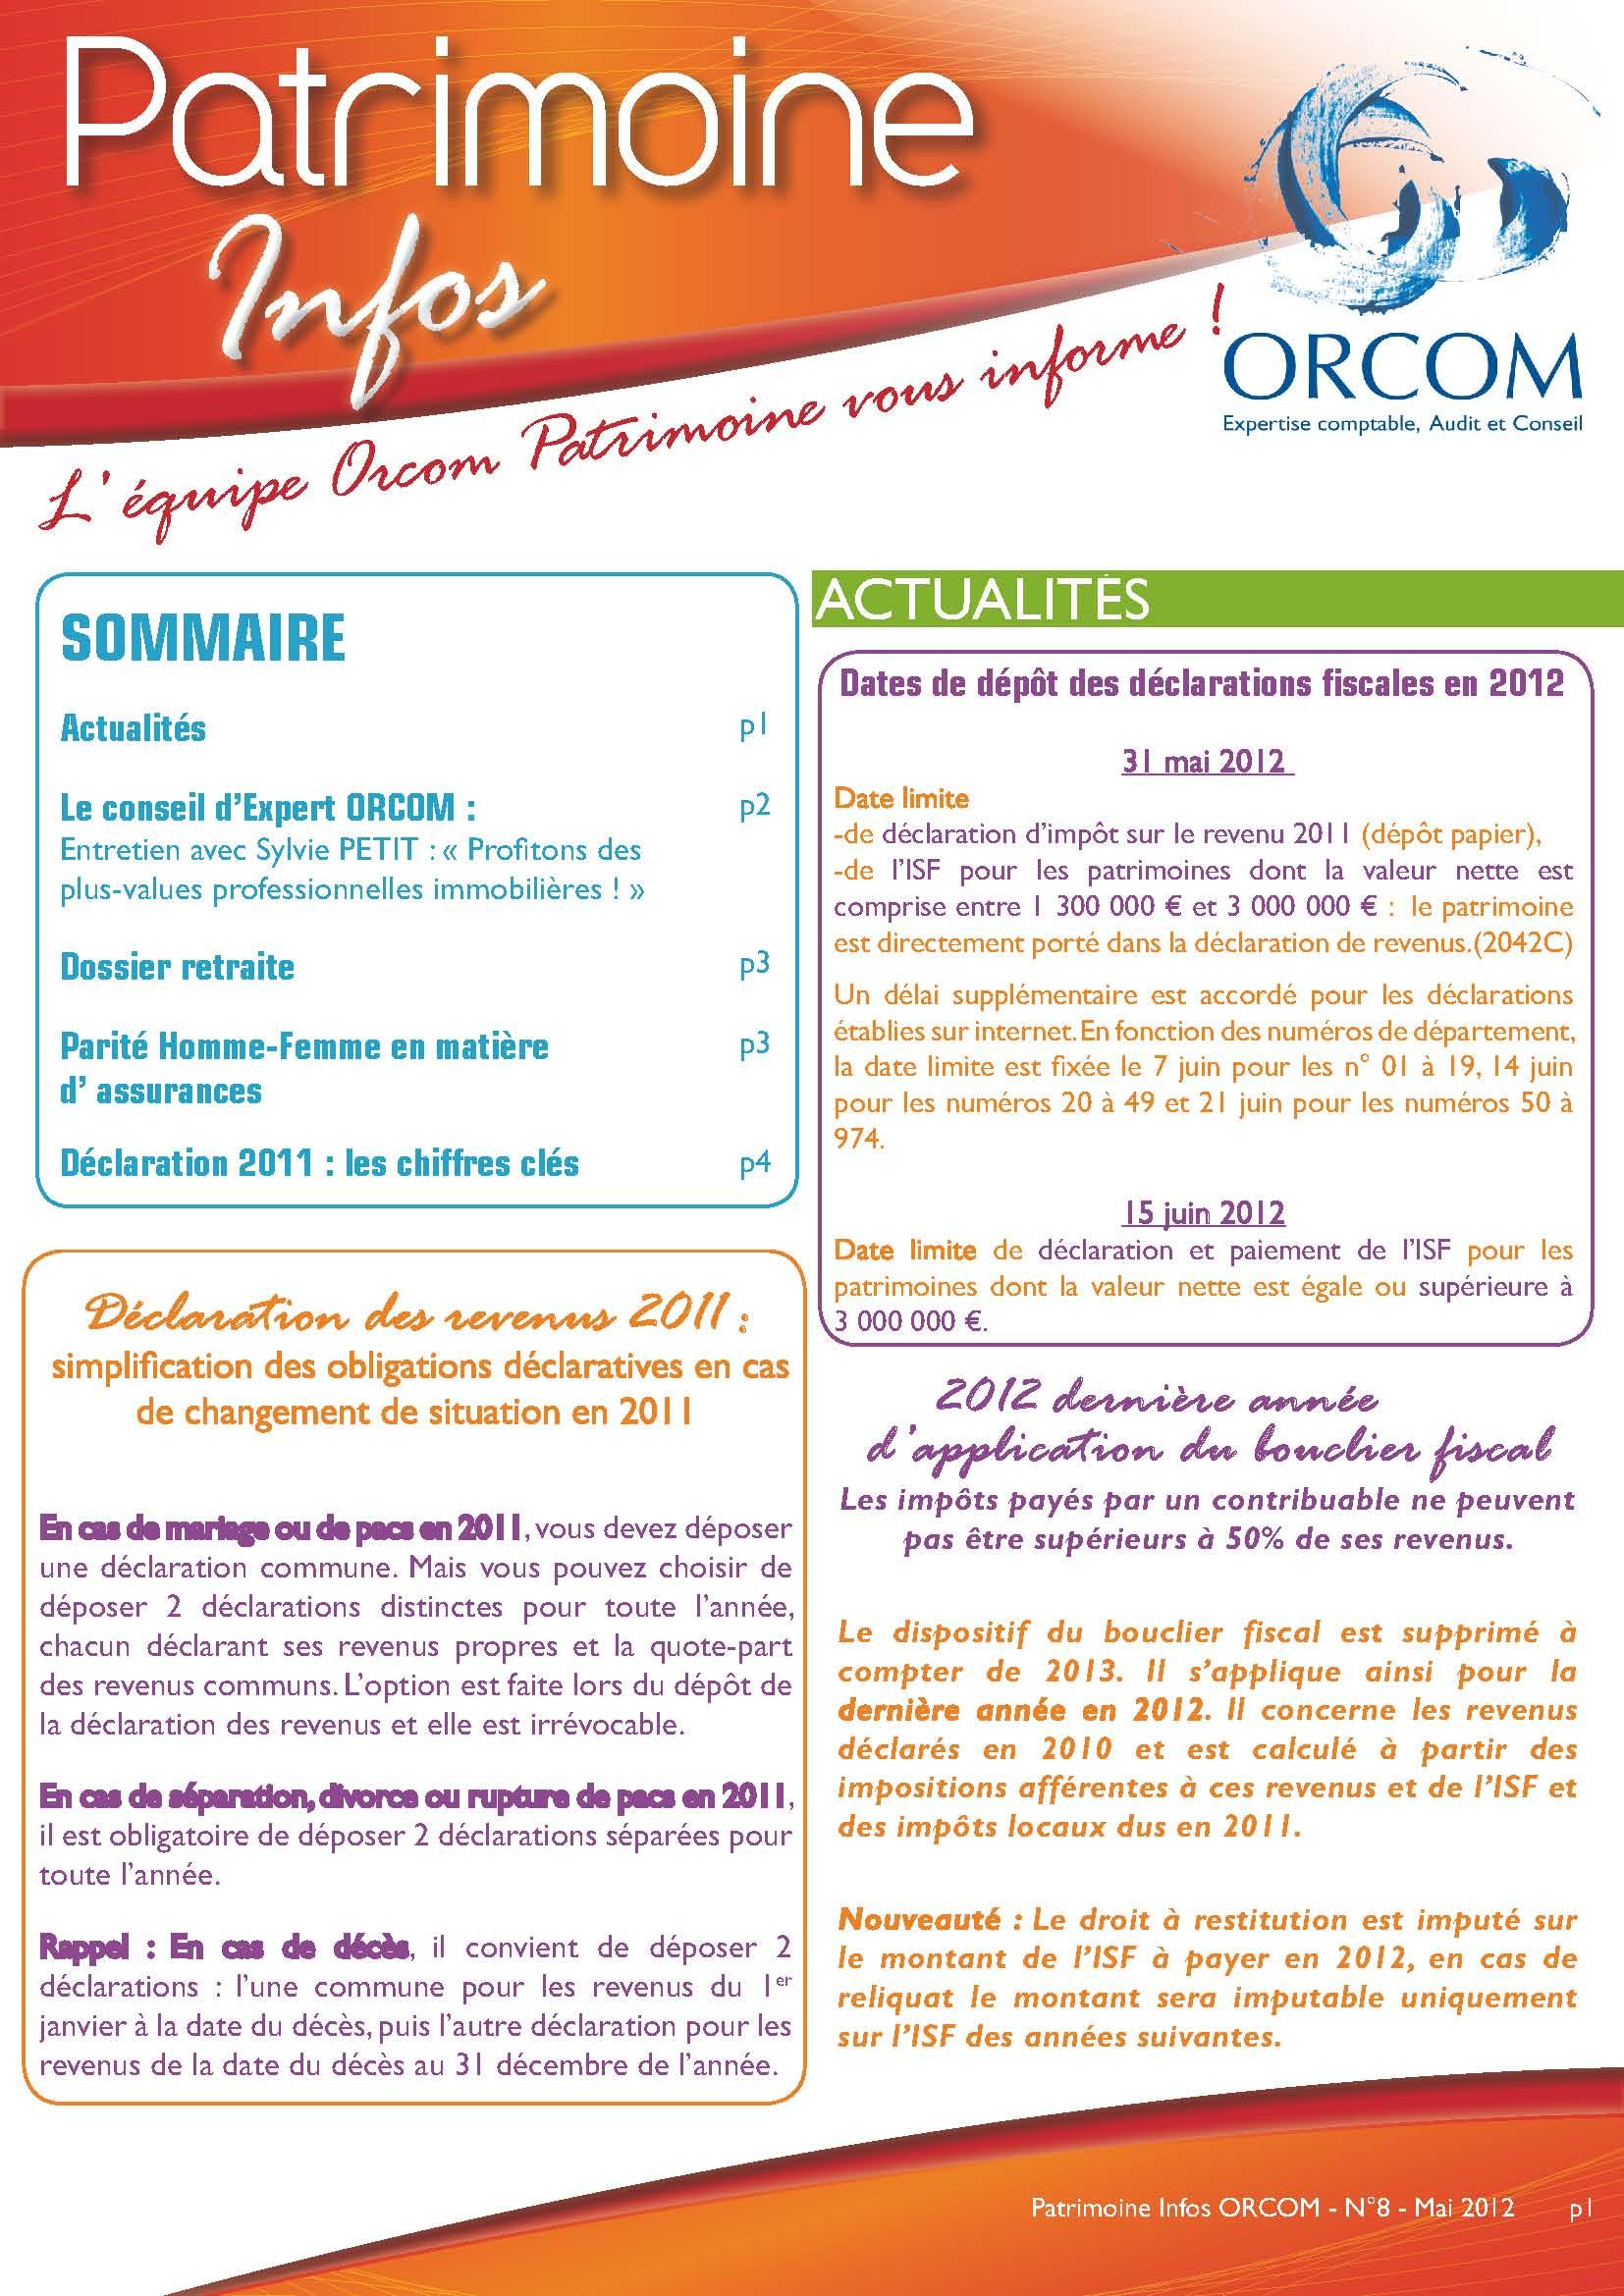 patrimoine infos orcom